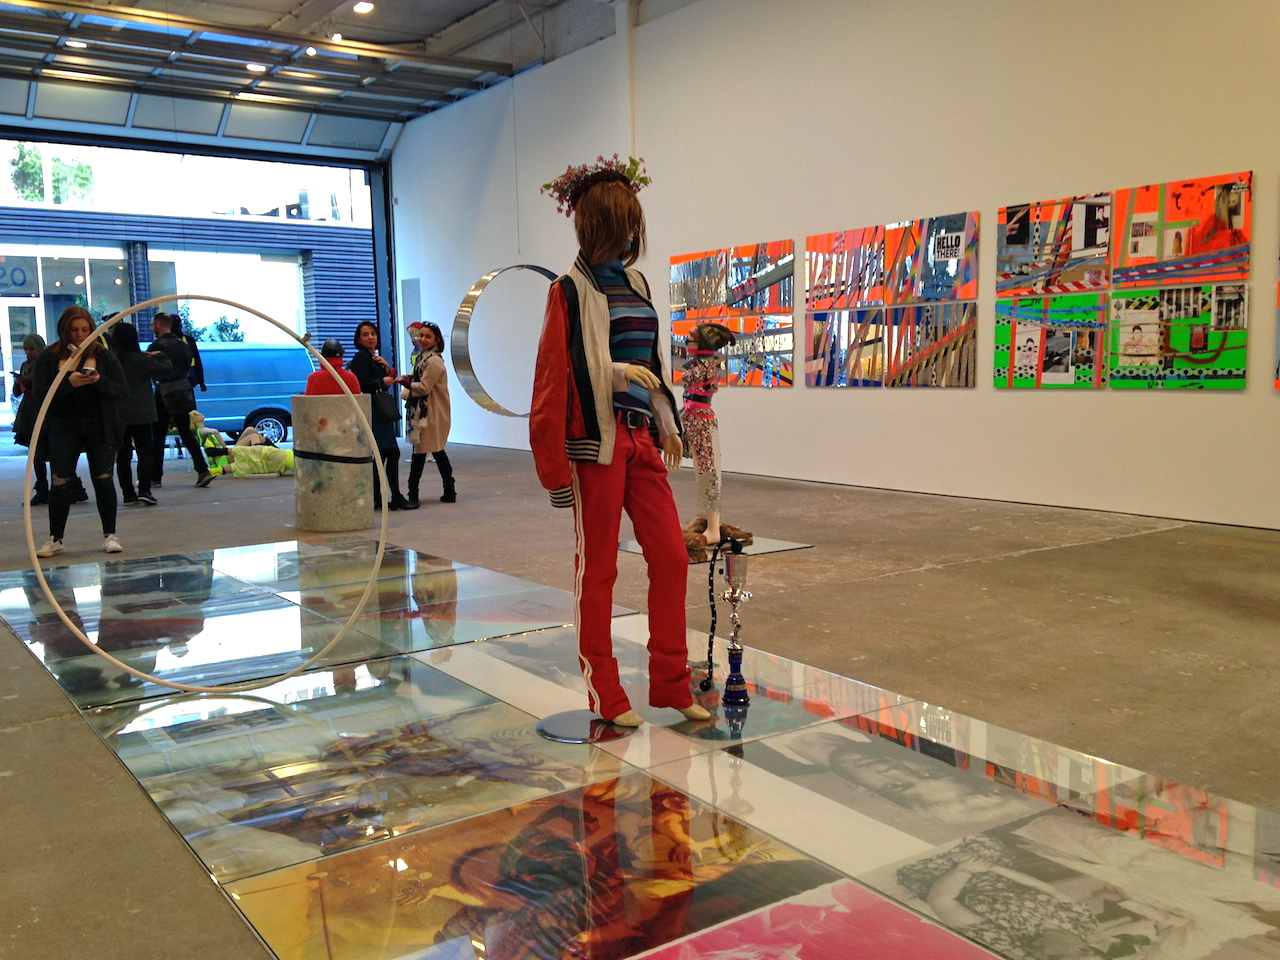 Installation view, 'Isa Genzken' at David Zwirner (all photos by Jillian Steinhauer/Hyperallergic)